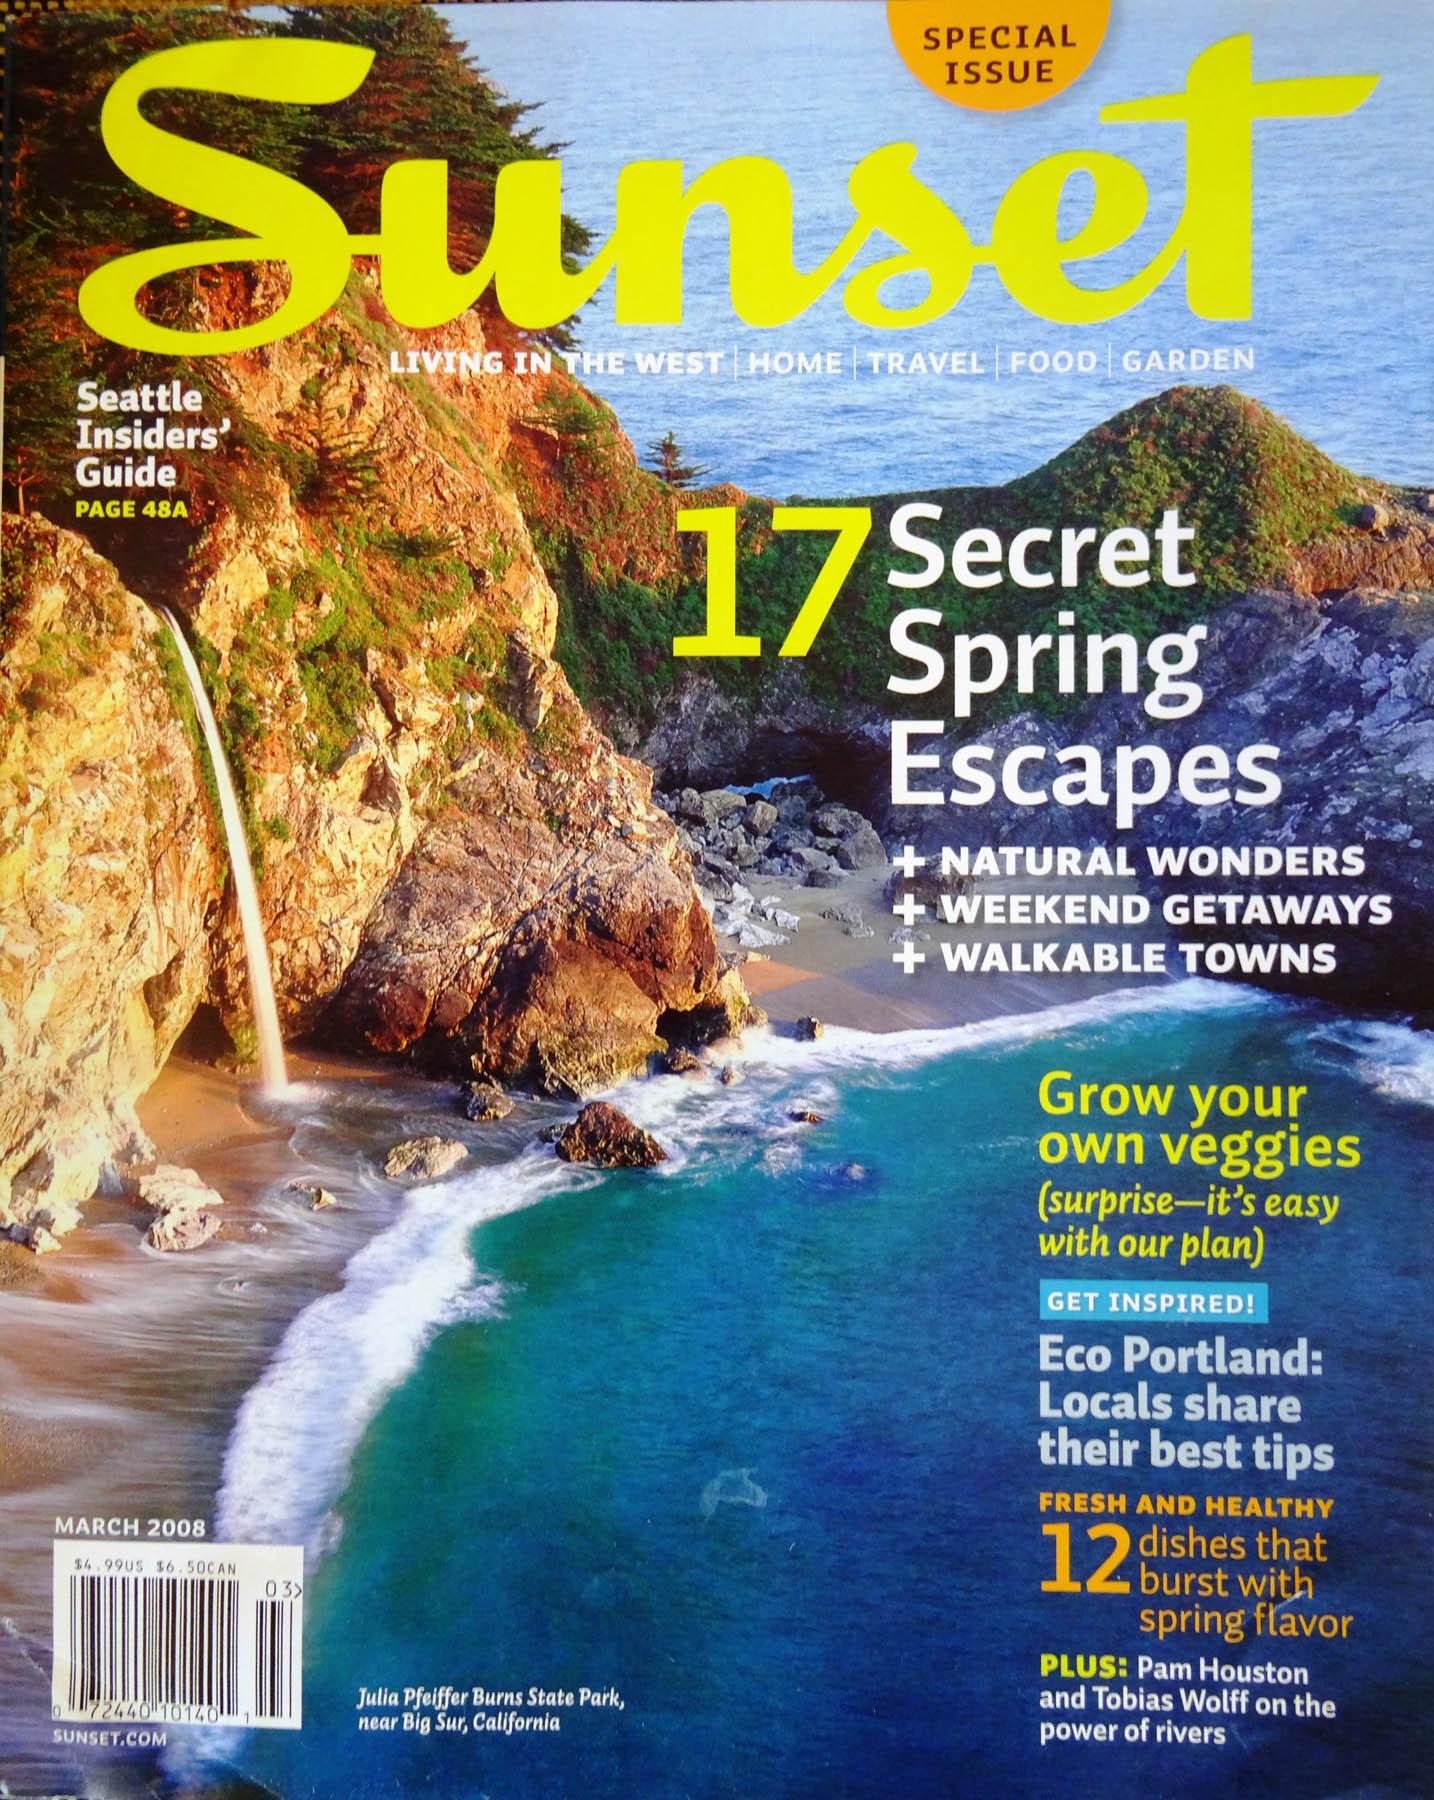 12a Sunset Magazineweb.jpg